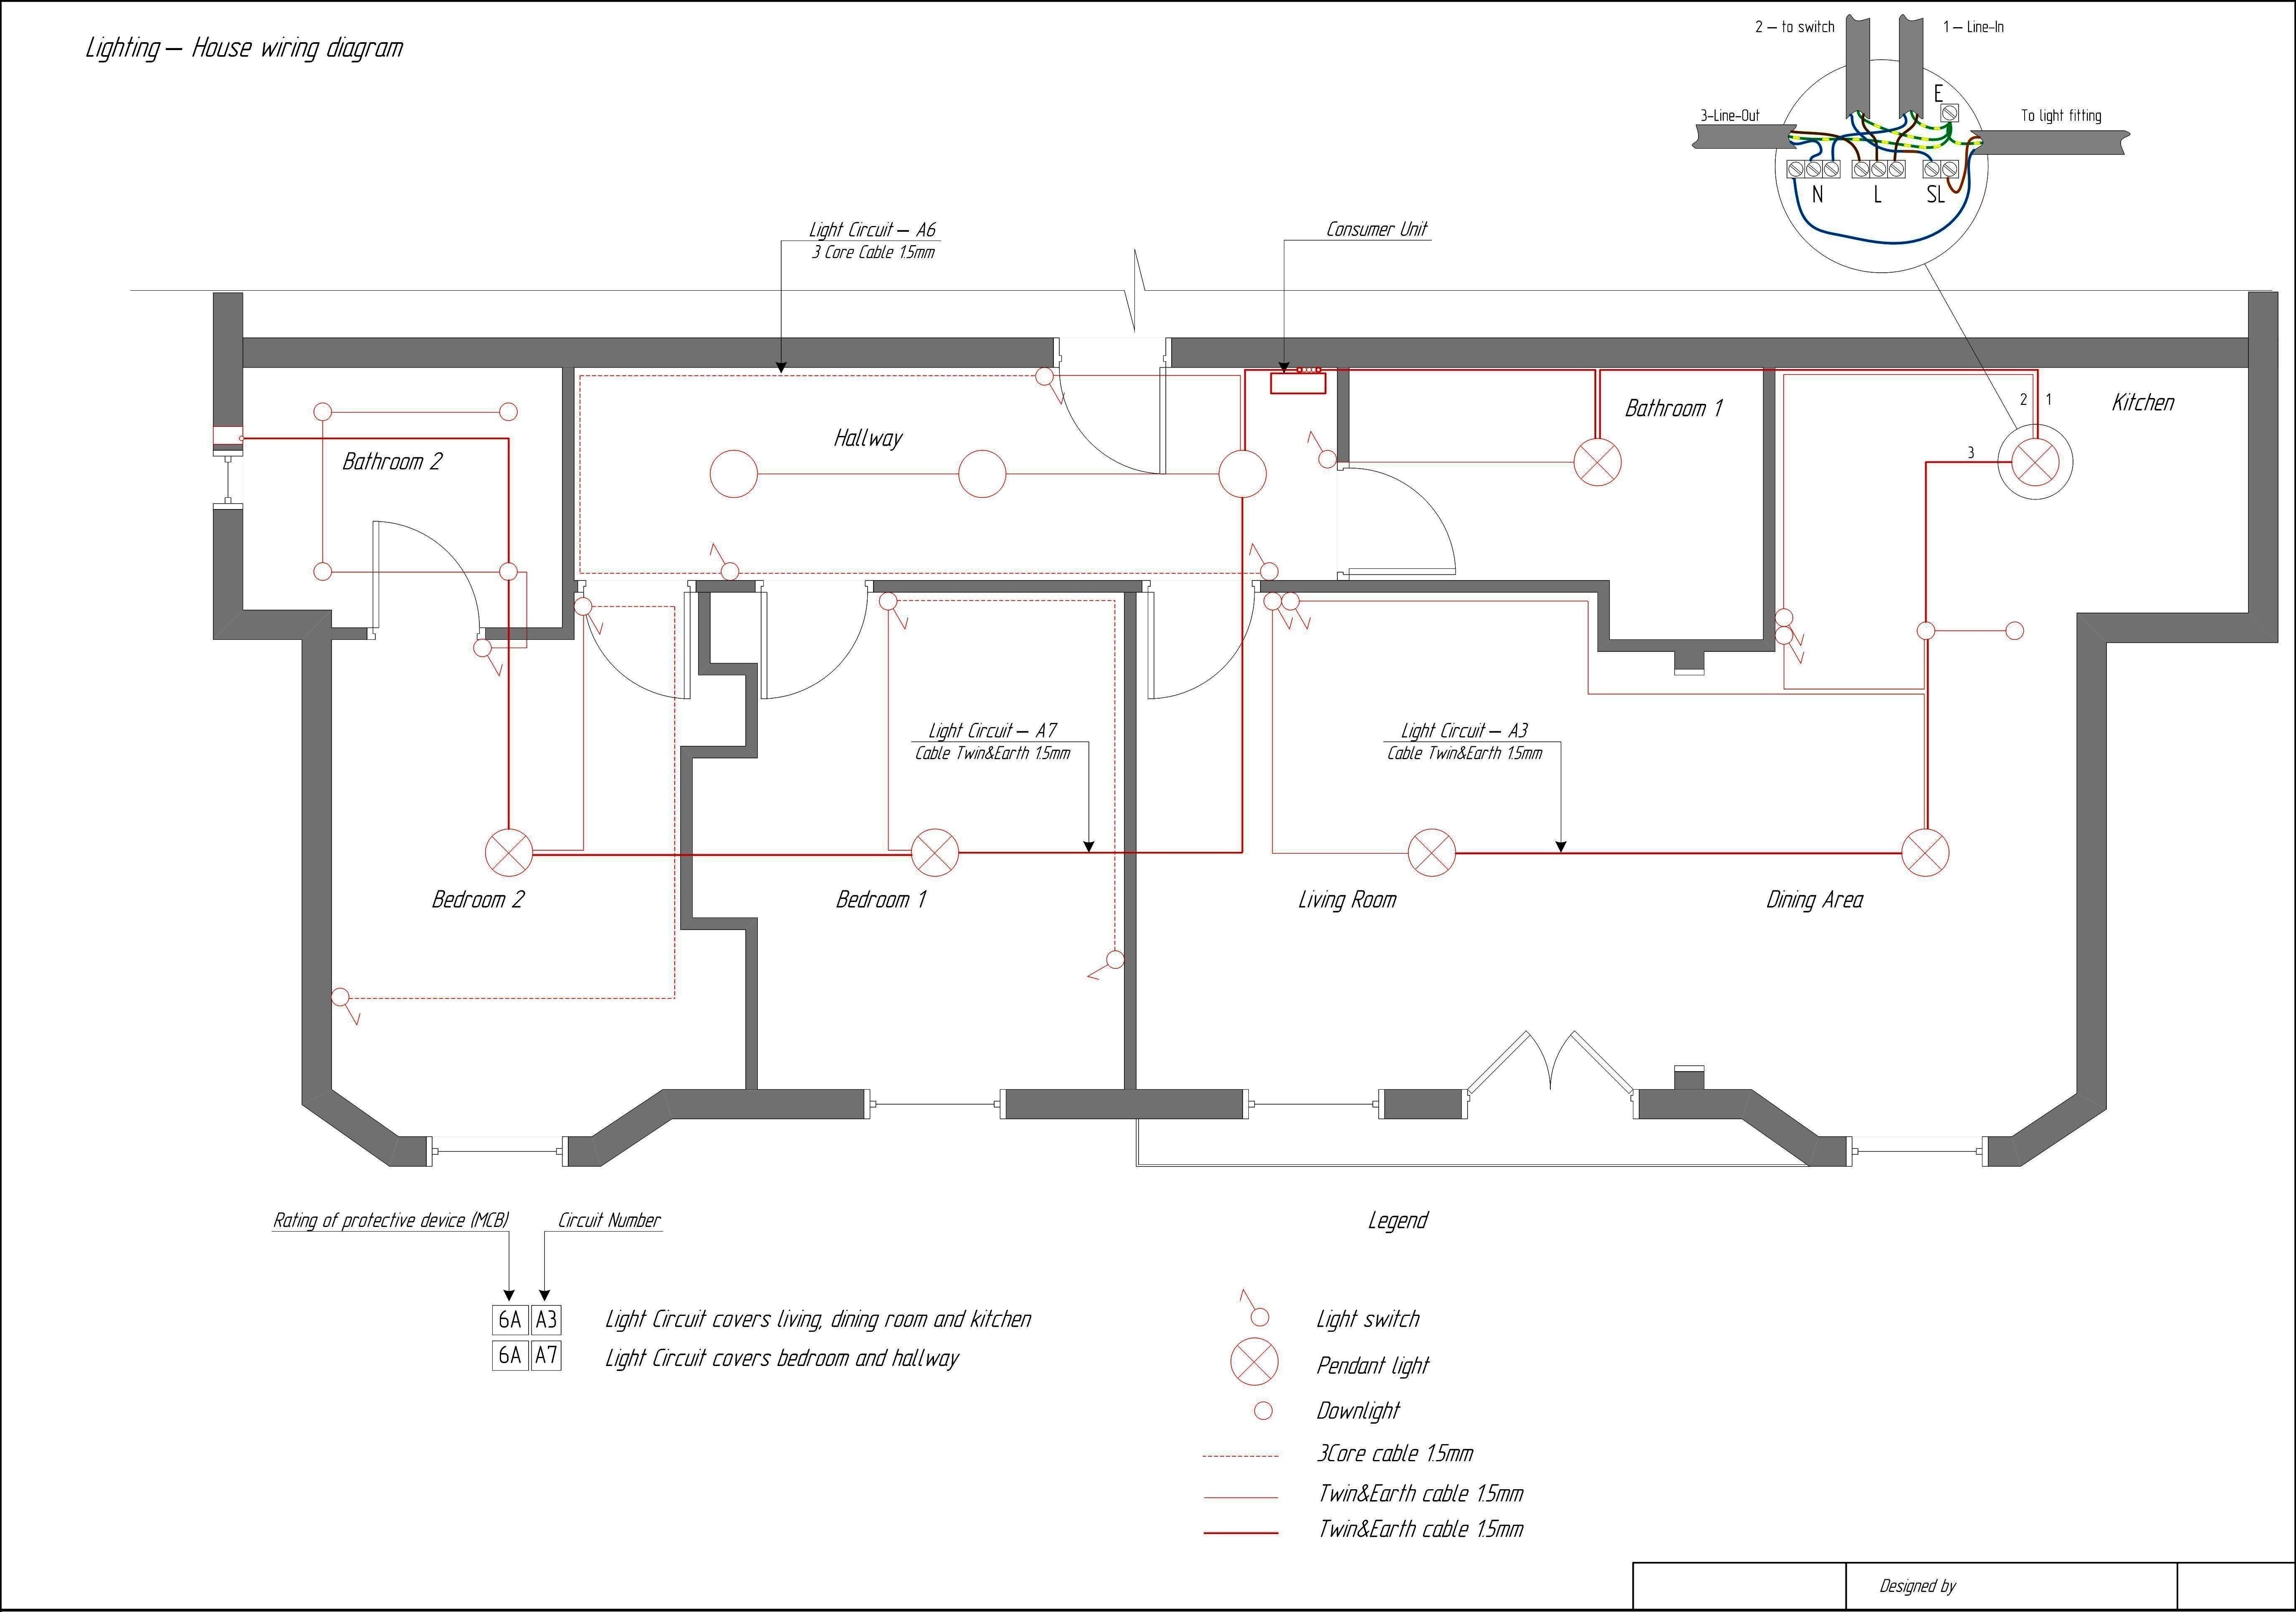 Wiring Diagram for House Lighting Circuit Dmx Lighting Wiring ...